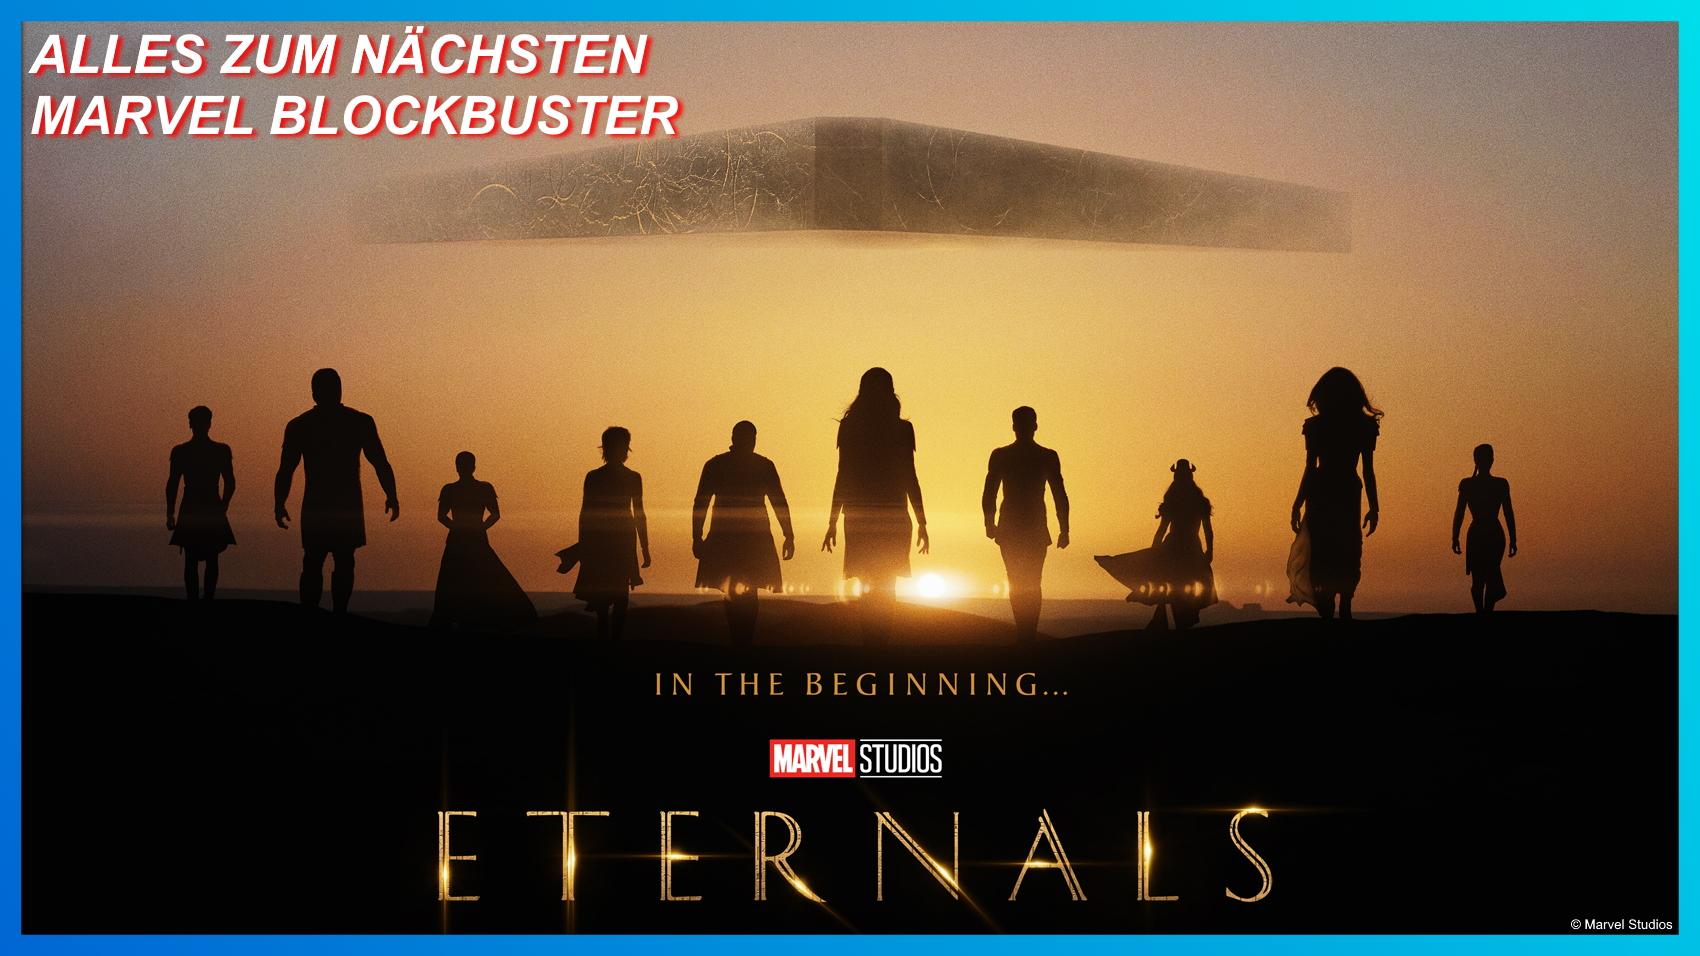 Alles zu Marvel Studios Eternals